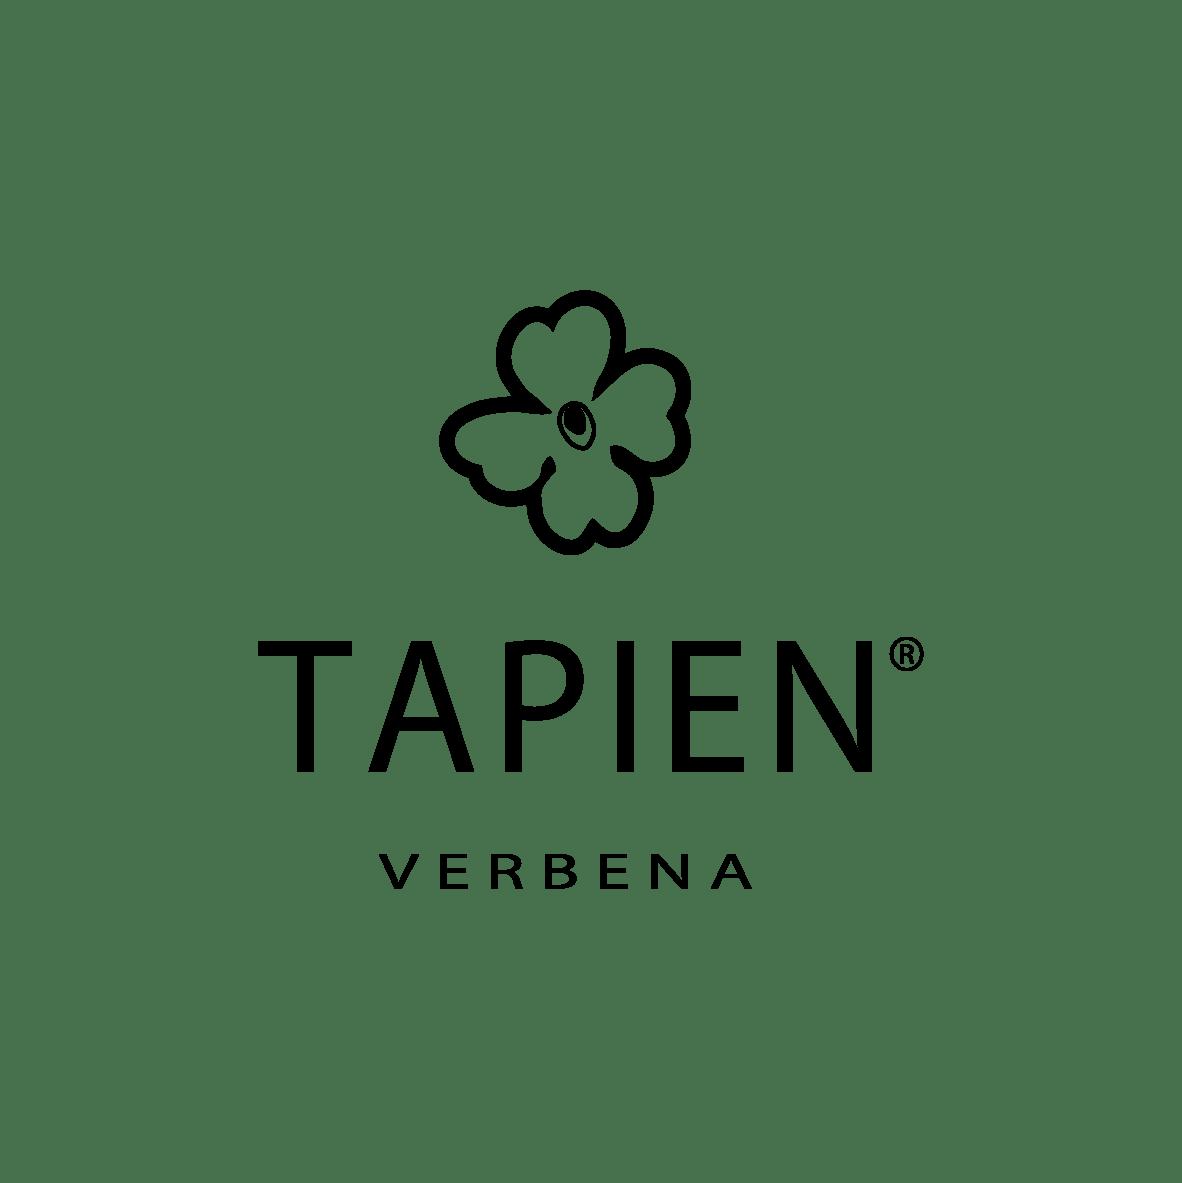 Tapien logo black